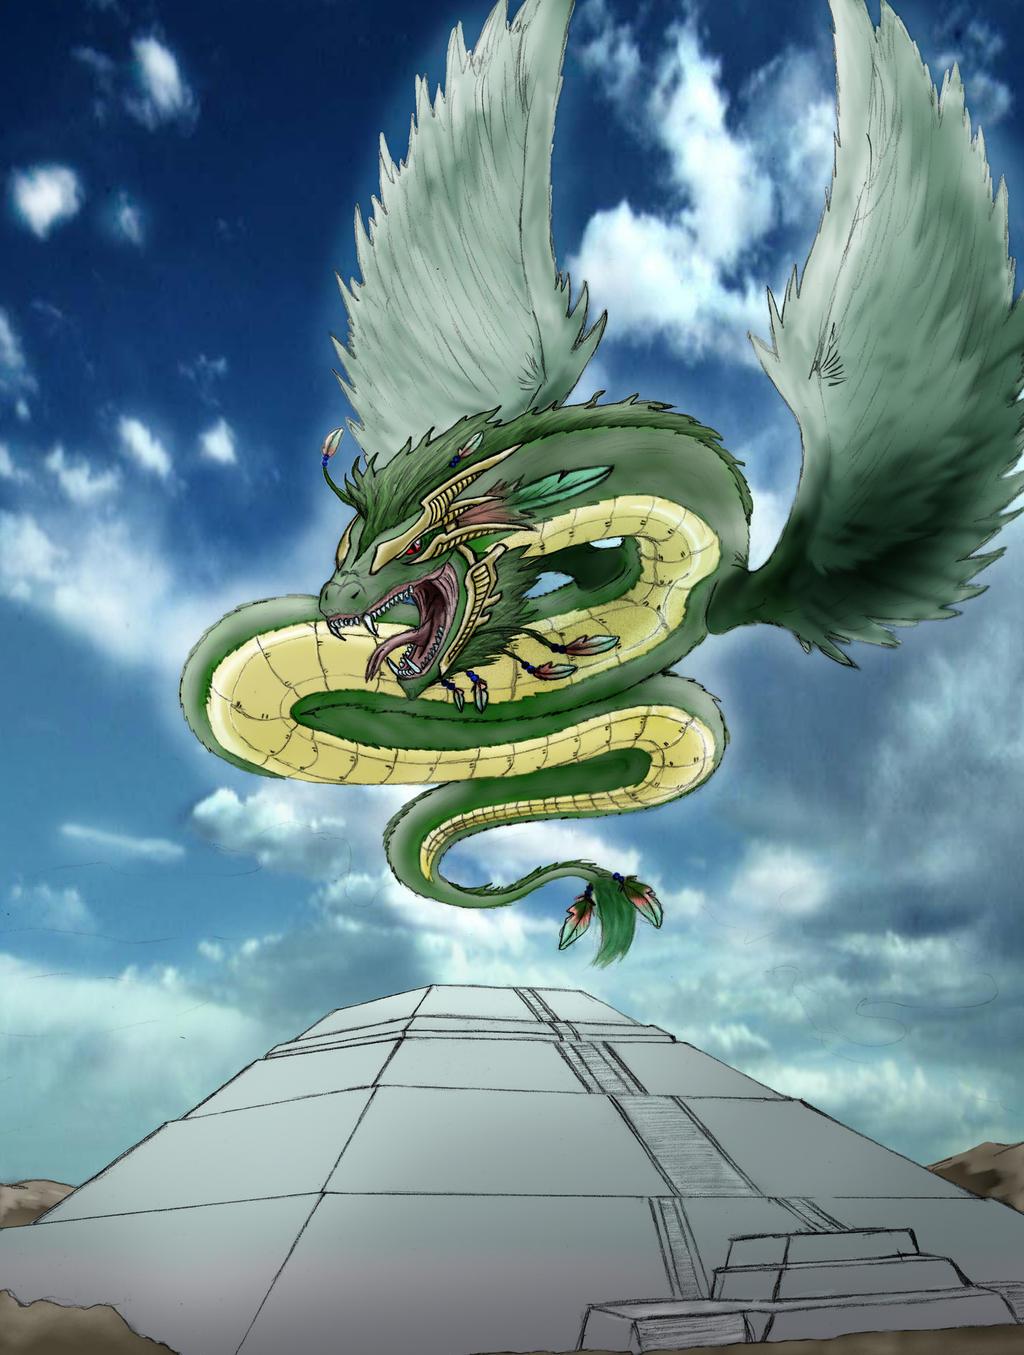 quetzalcoatl by xcidx